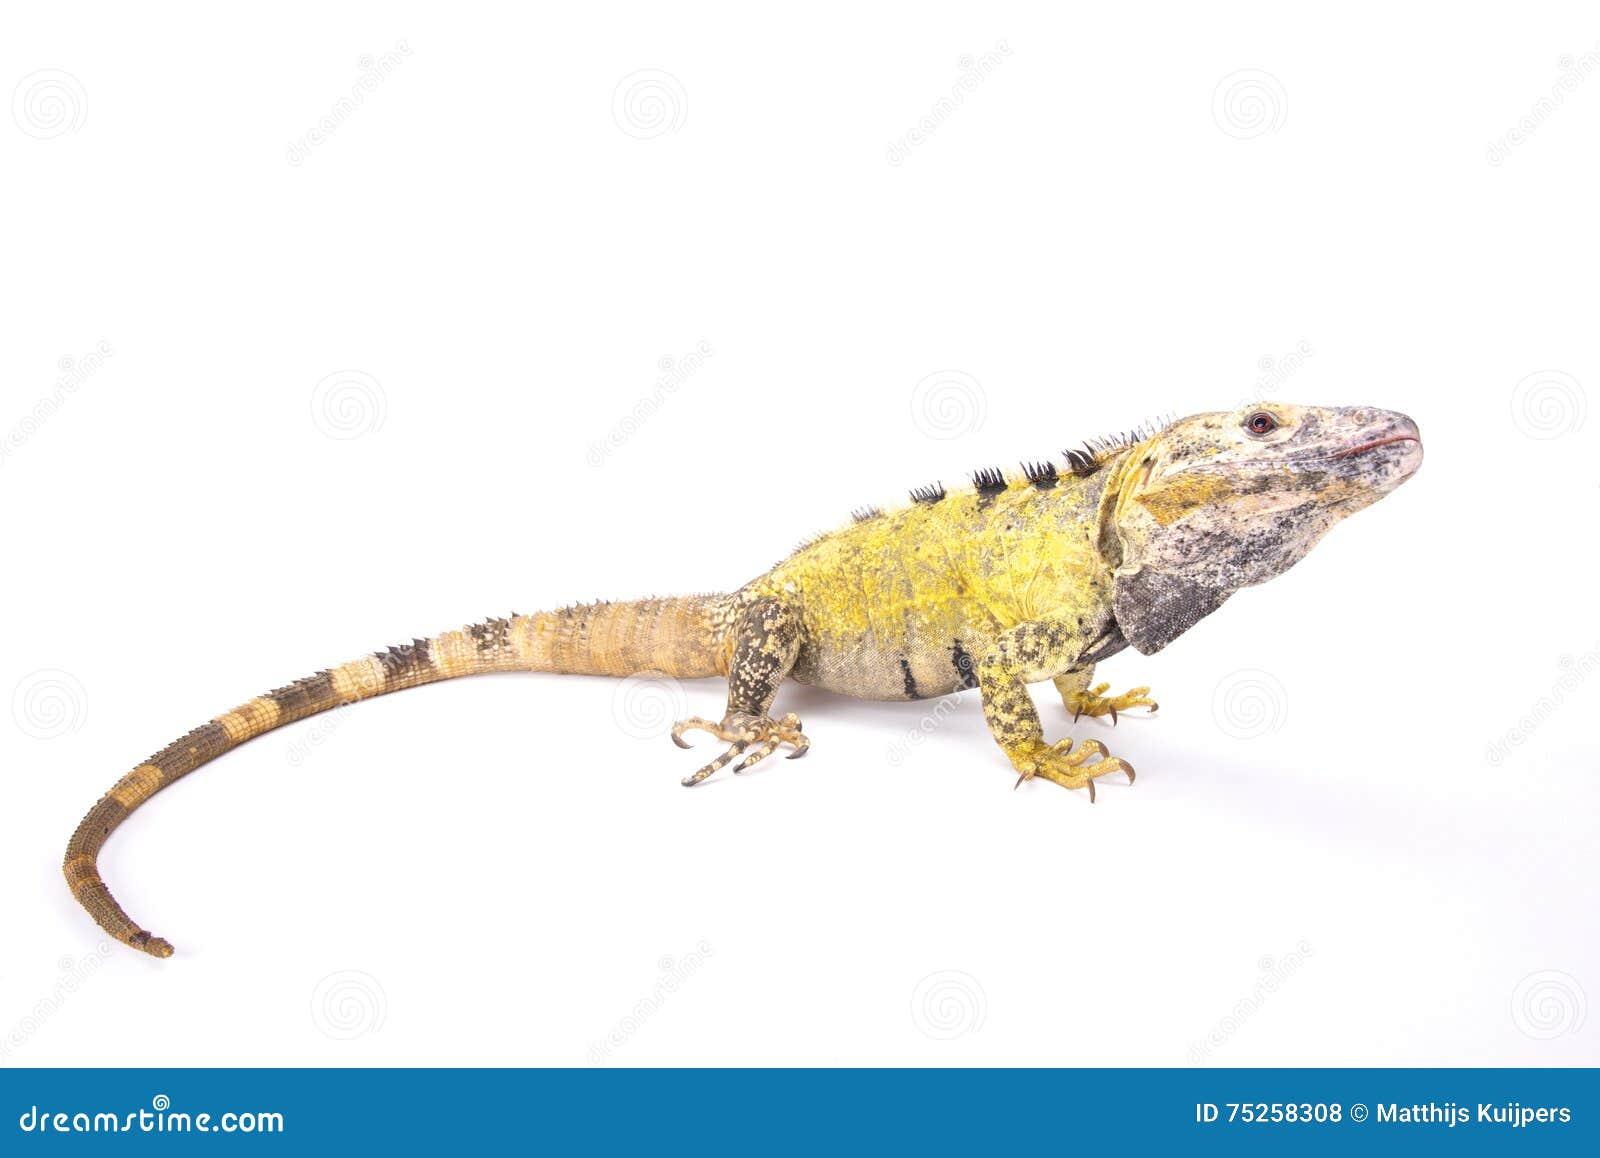 Iguana espinoso-atada mexicano (Ctenosaura pectinado)